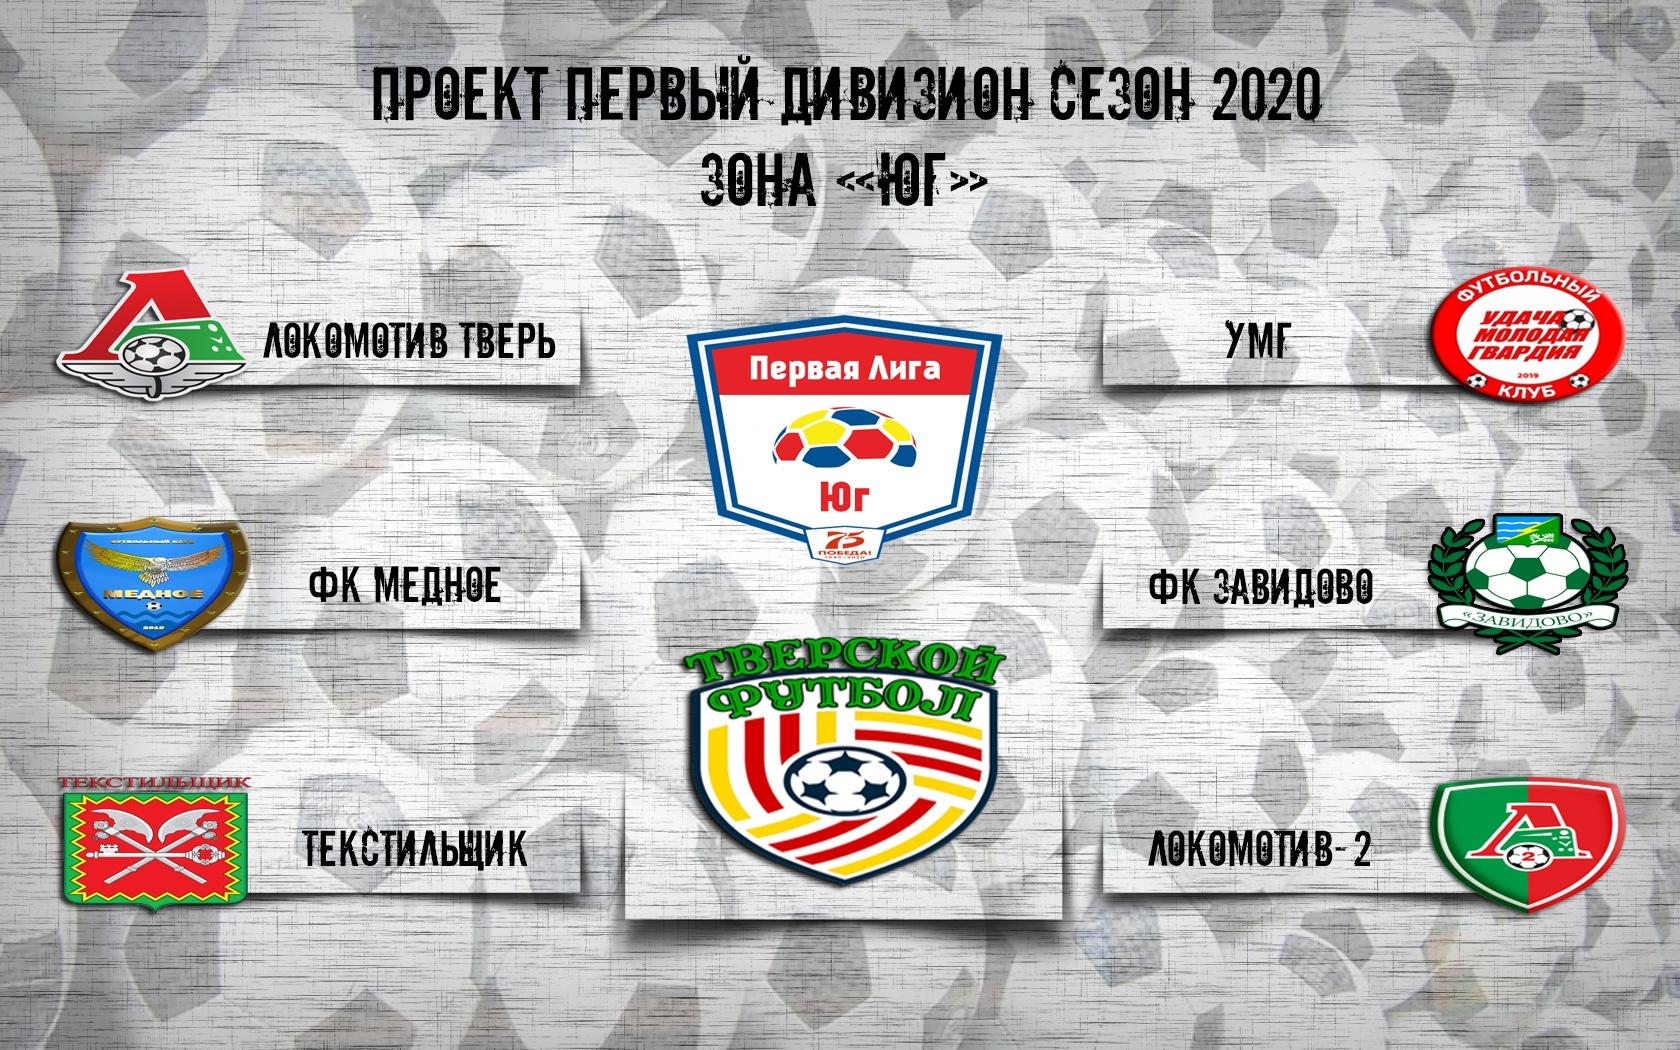 Футбольные клубы Тверской области готовятся бороться за чемпионство